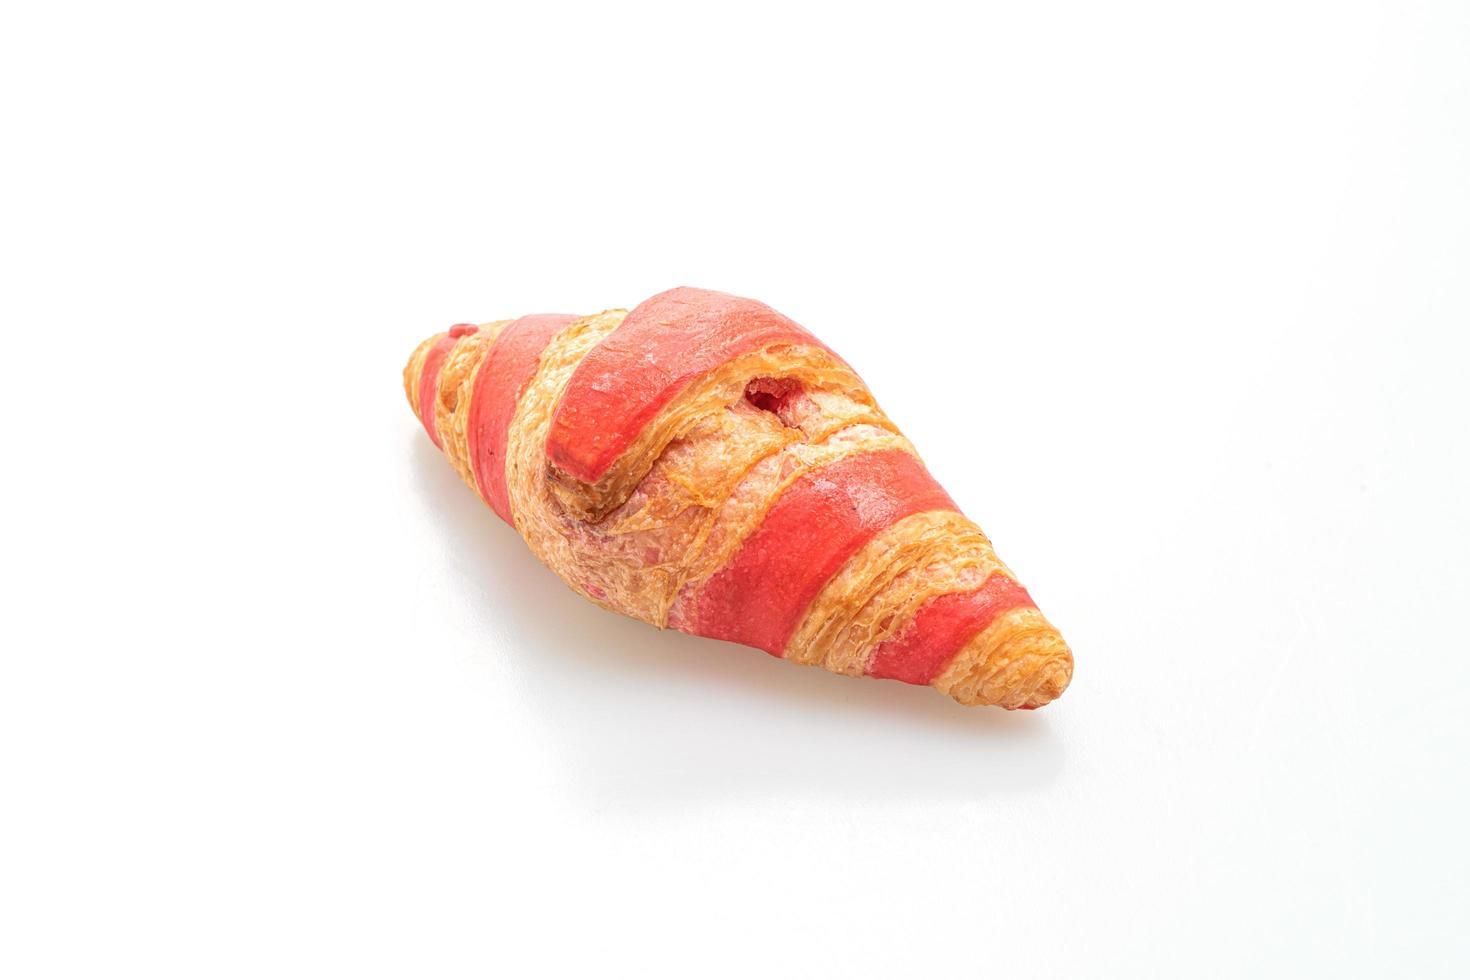 croissant fresco con salsa di marmellata di fragole isolato su sfondo bianco foto